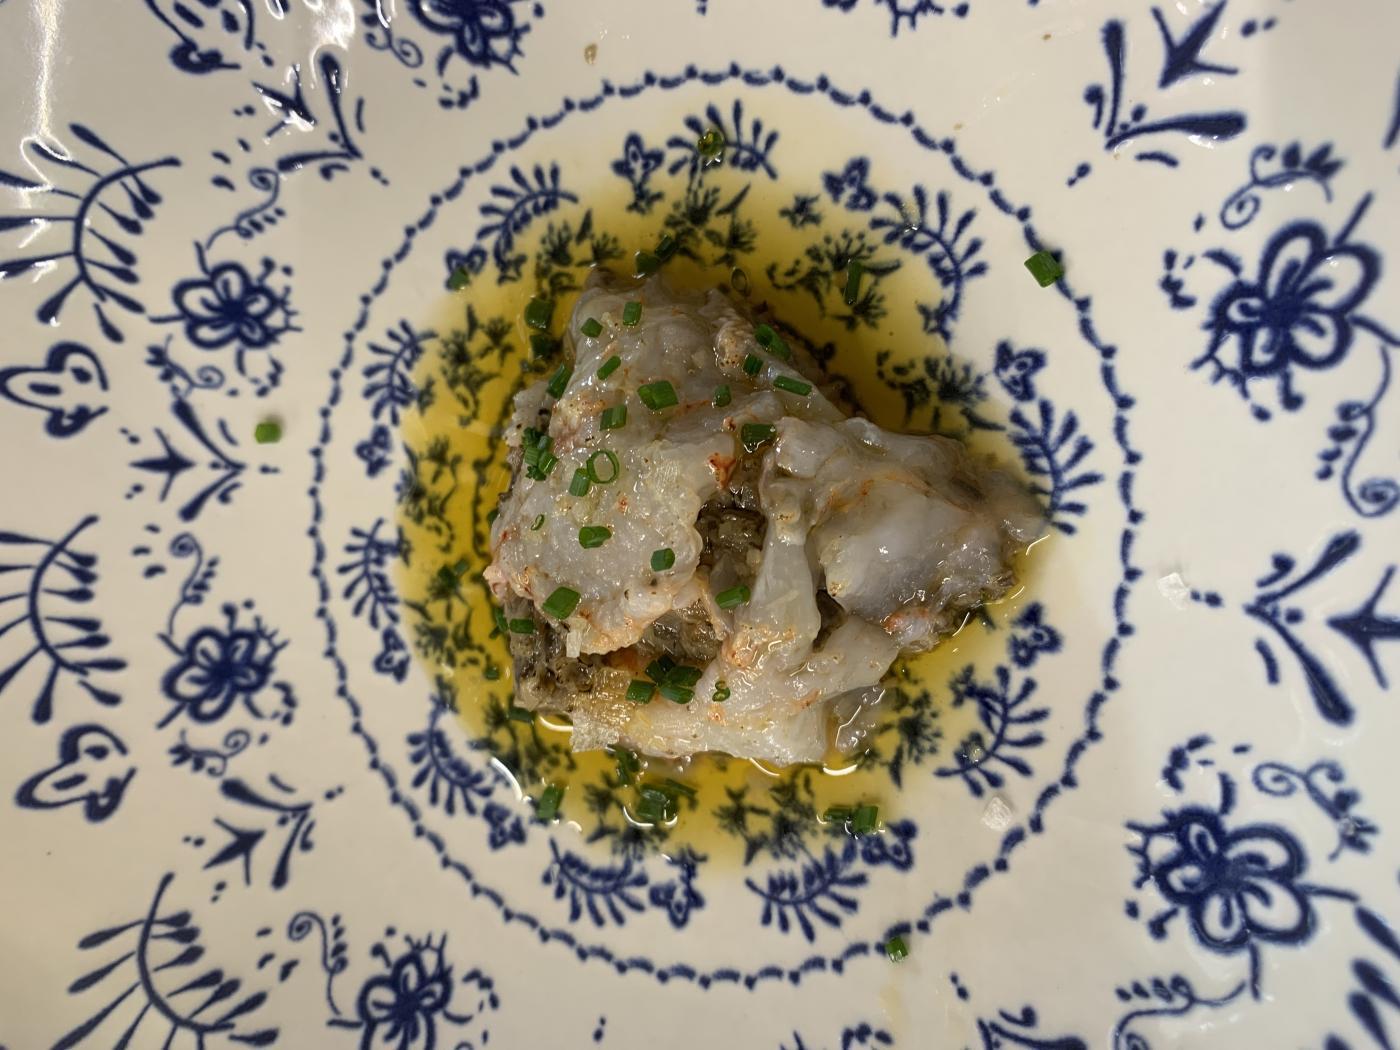 Ravioli de setas y gambas, uno de los platos ejecutados por el chef portugués.